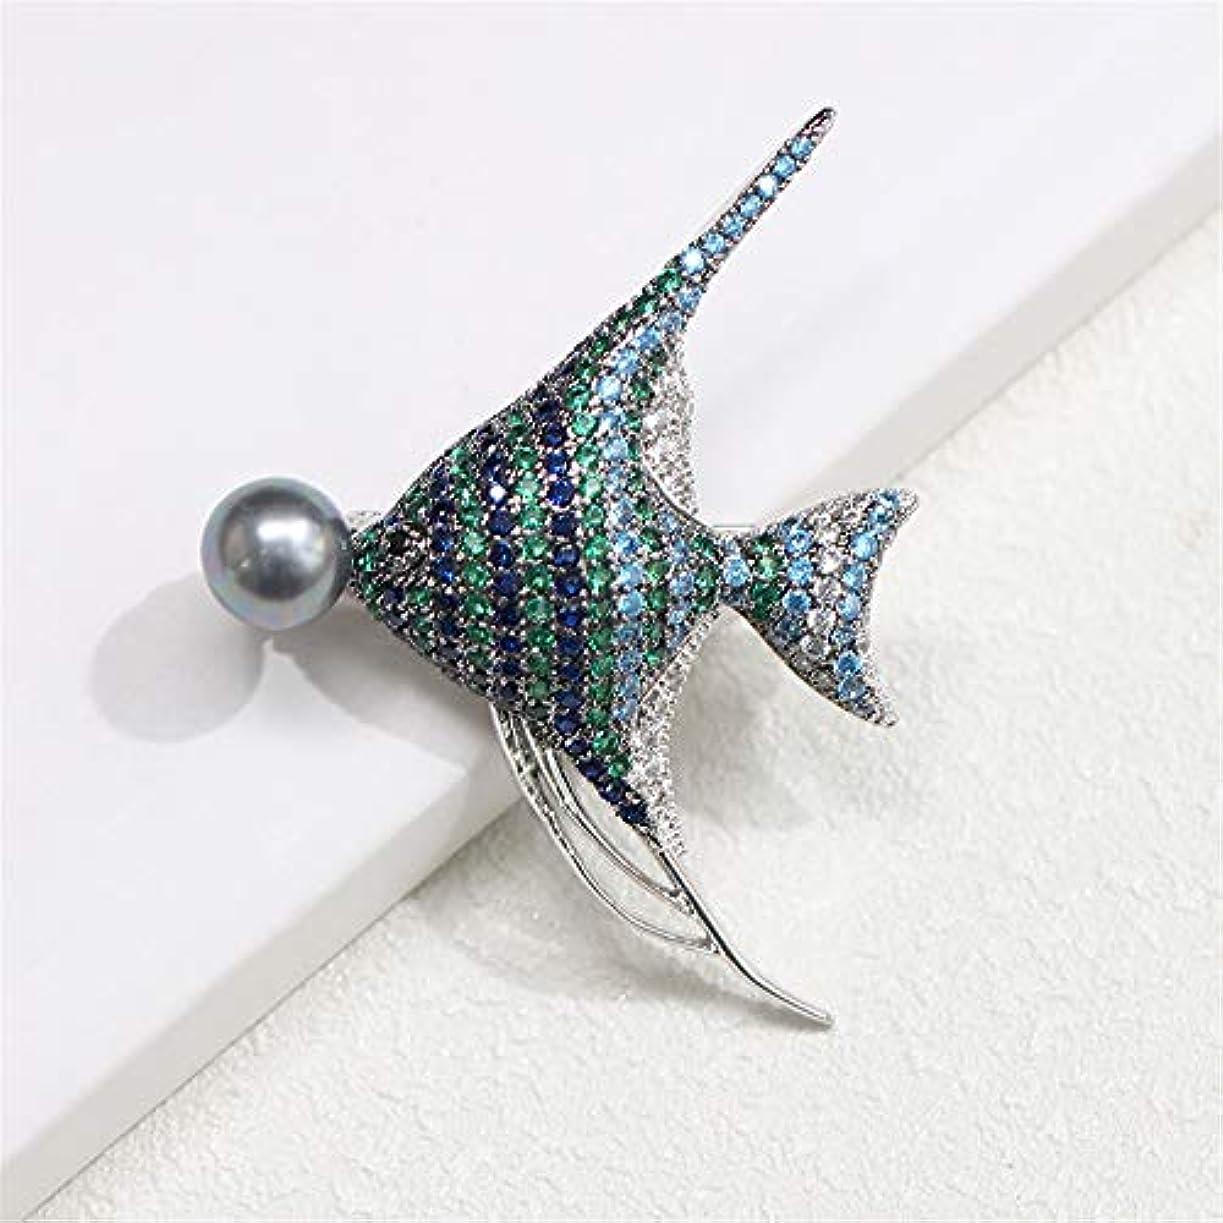 採用大声でカレンダー生地と花石鹸の花 男性と女性のための象眼細工された青と緑の熱帯魚のブローチ誇張されたブローチピン